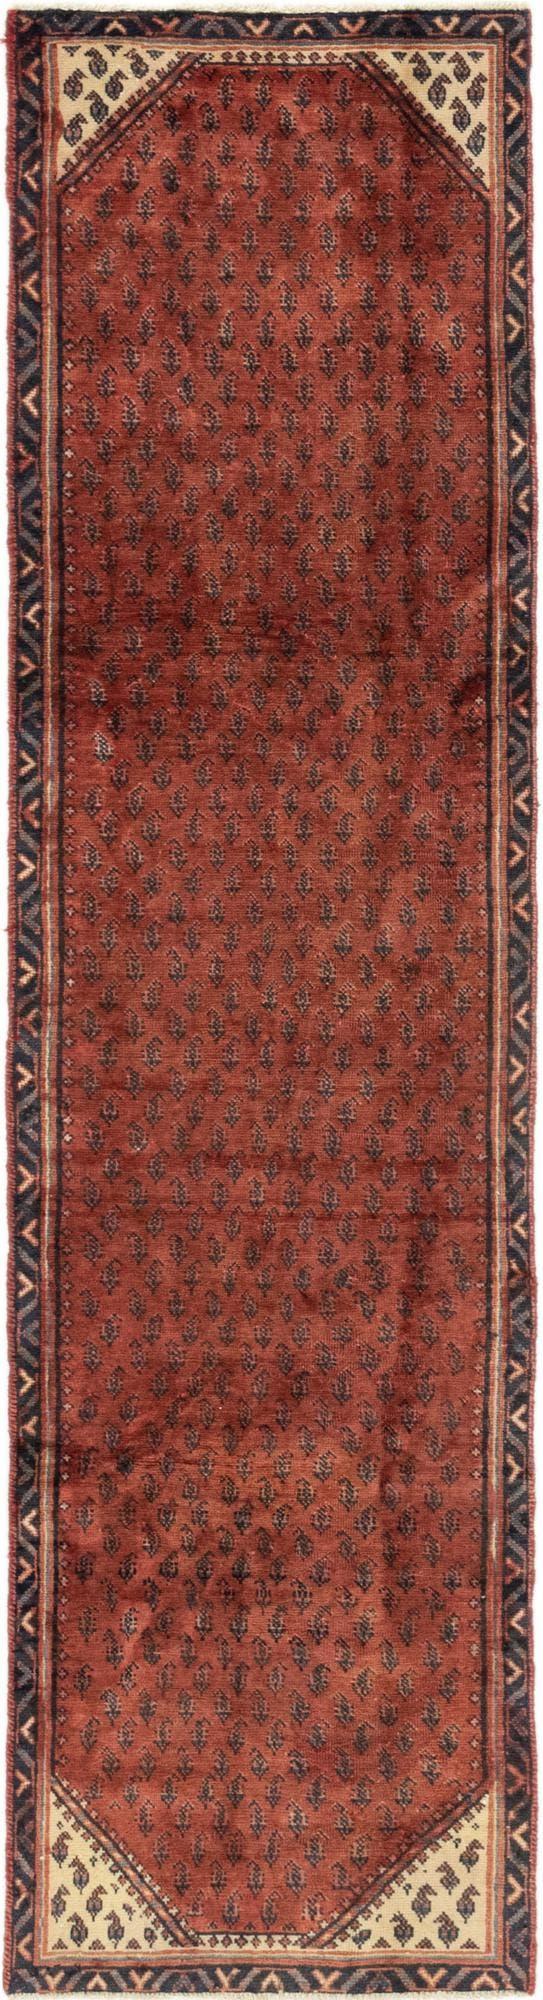 2' 5 x 9' 4 Botemir Persian Runner Rug main image